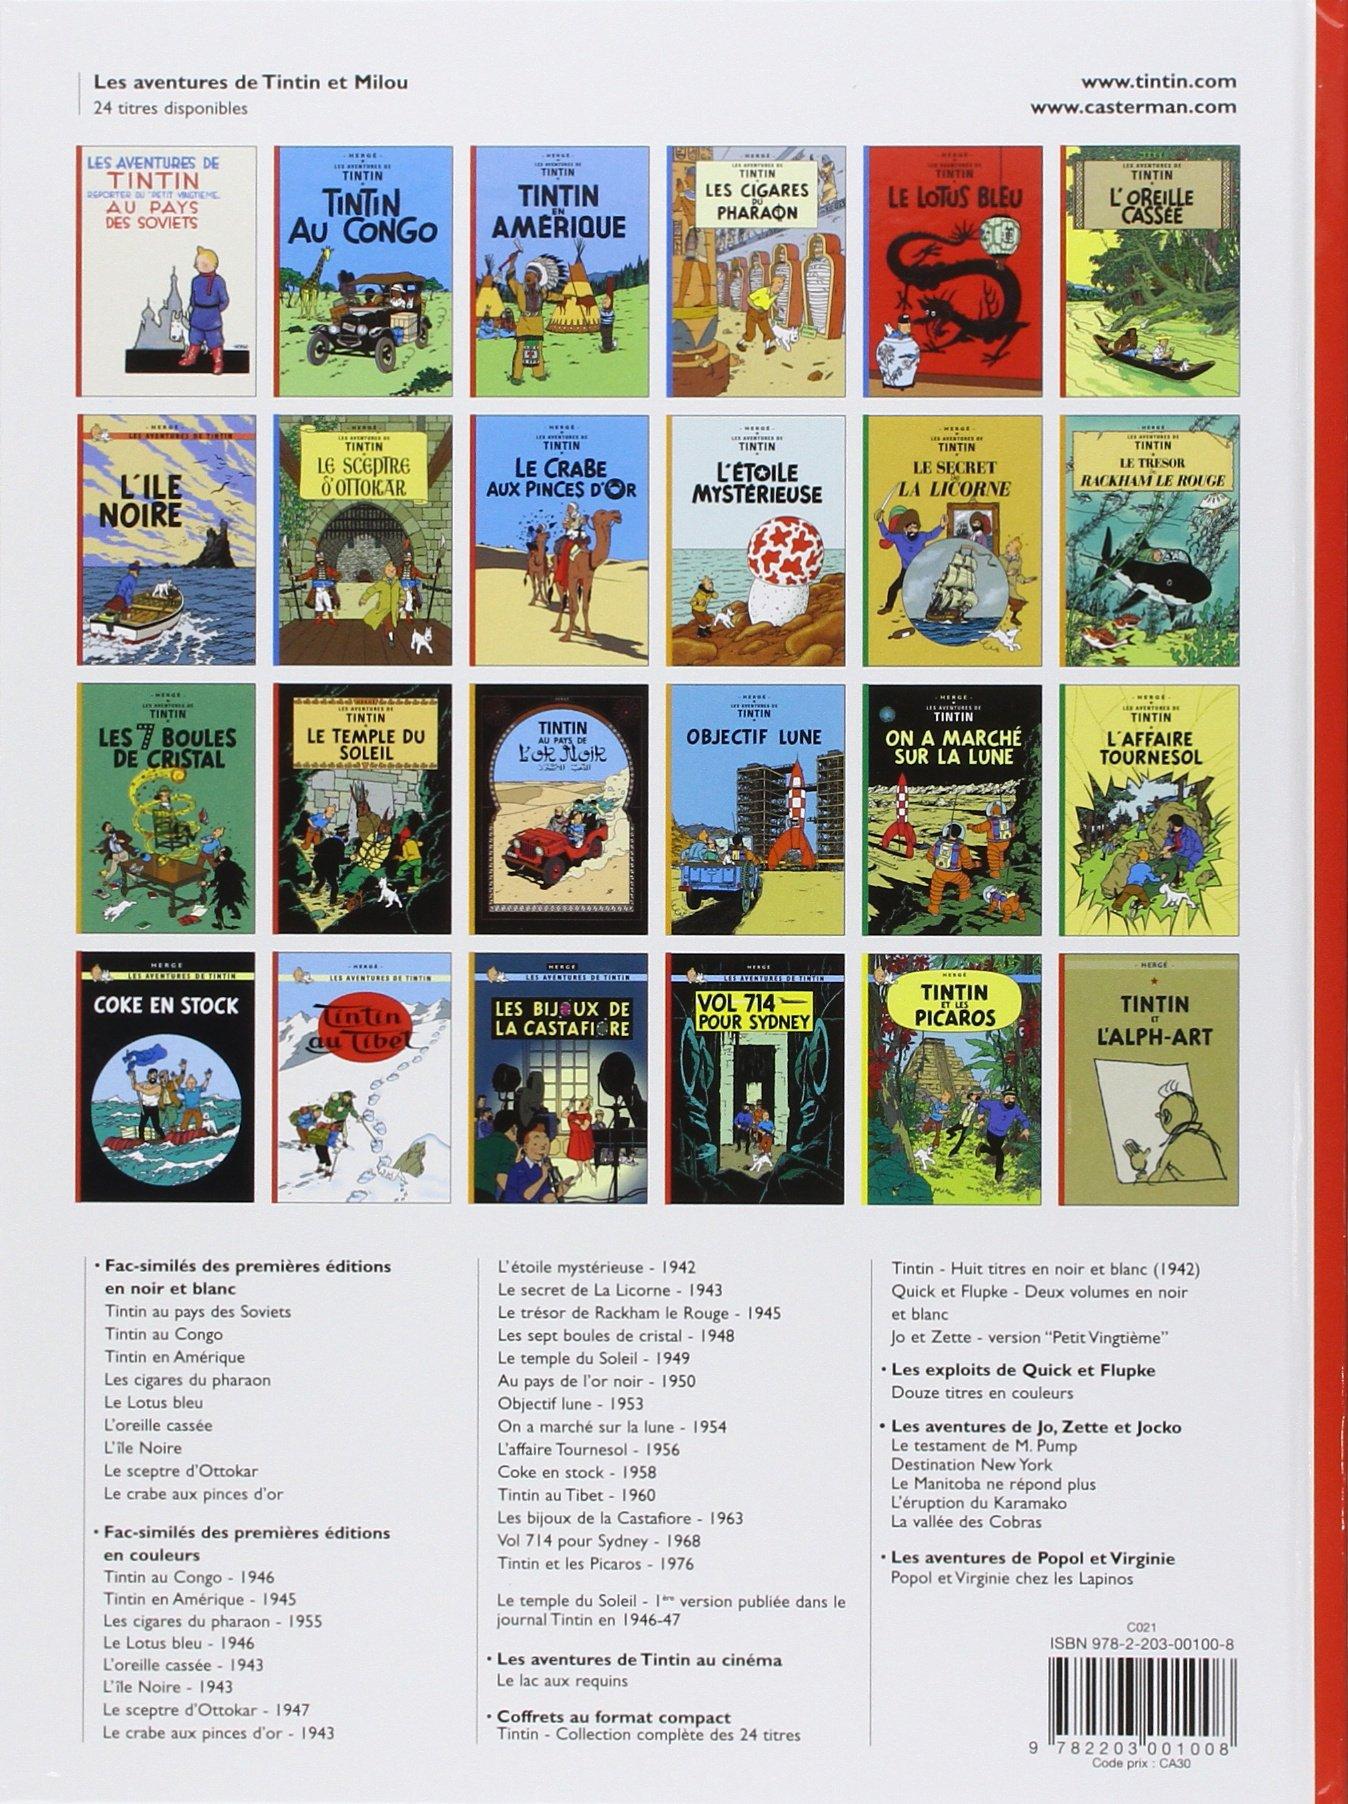 Vol 714 pour Sydney Les Aventures de Tintin Edition fac-similé